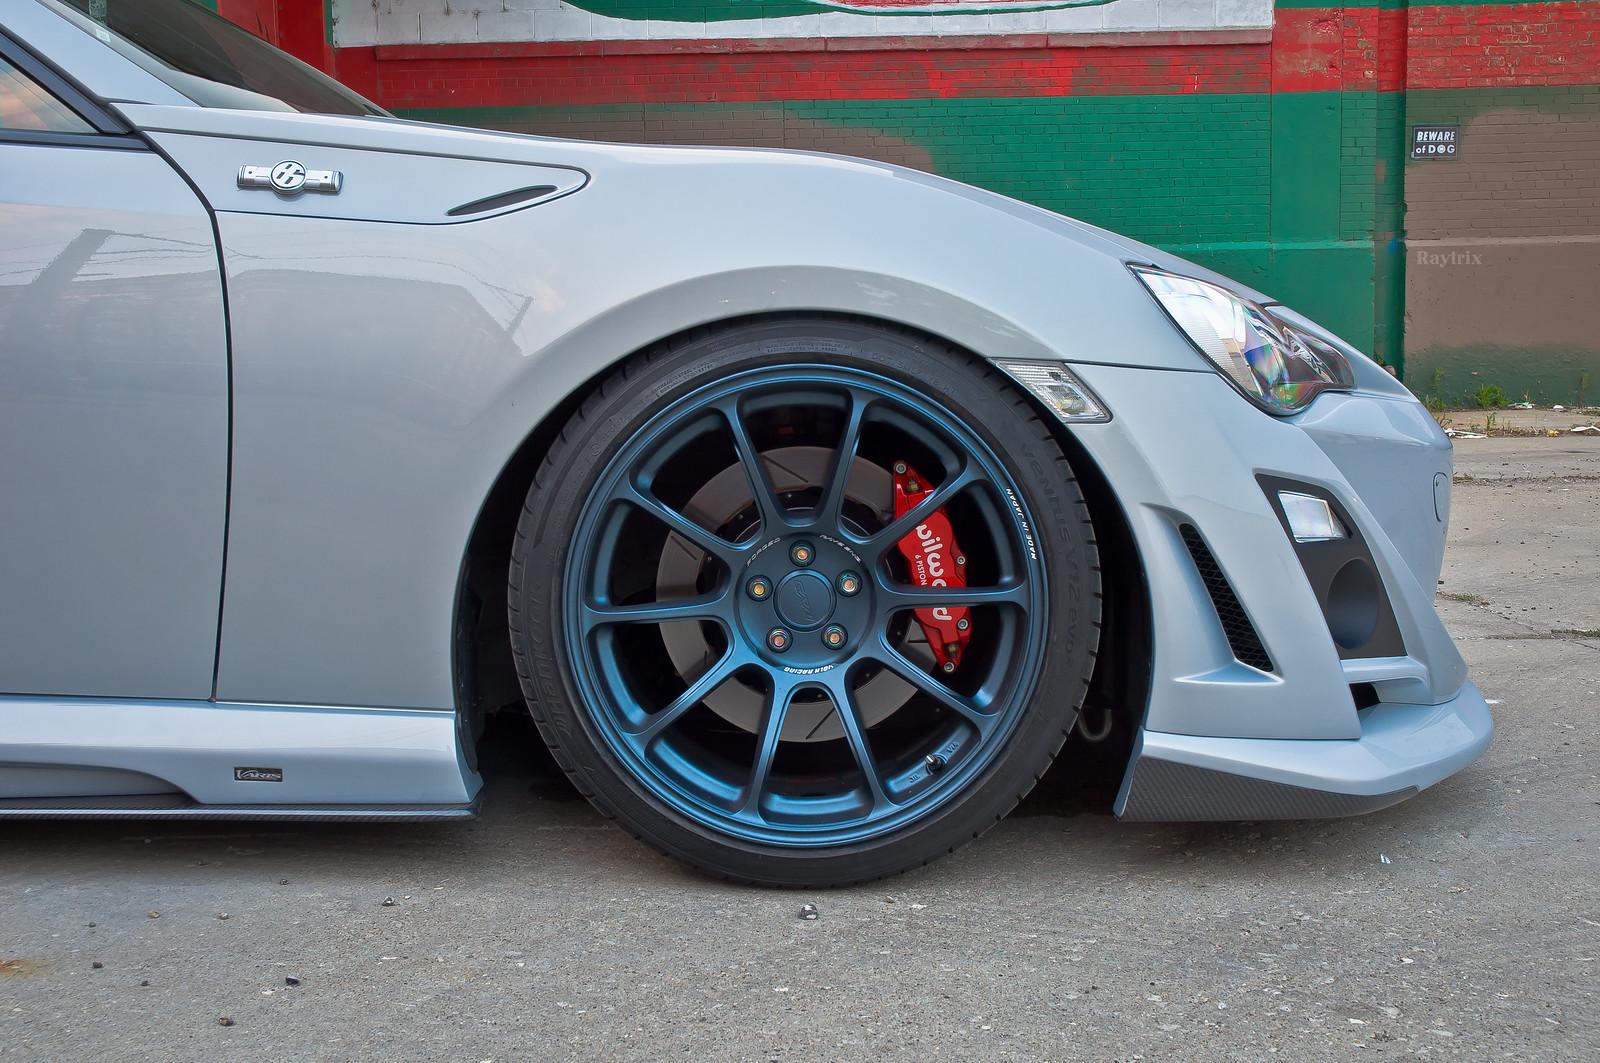 2013 Scion Fr S 10 Series >> FS/IL> Volk Racing ZE40 18x10 +40 5x100 Matte Blue Gunmetal Face 3 Concave - Scion FR-S Forum ...